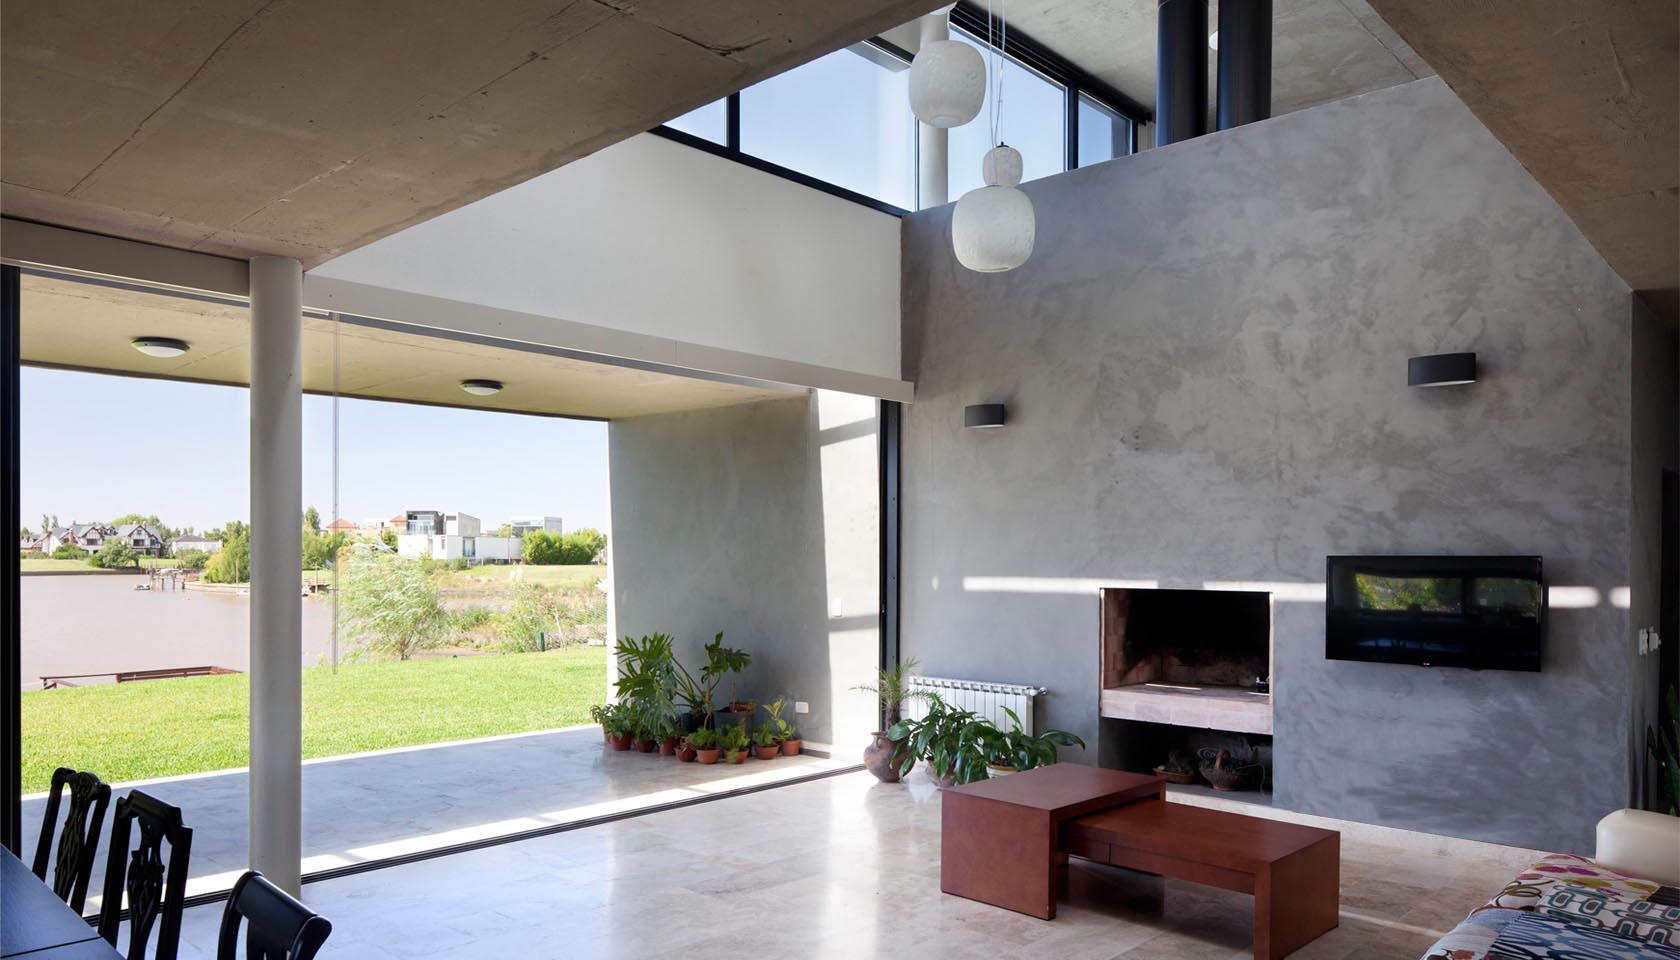 interiores modernos, casas con vista al lago, diseño de interiores minimalistas, grandes aberturas